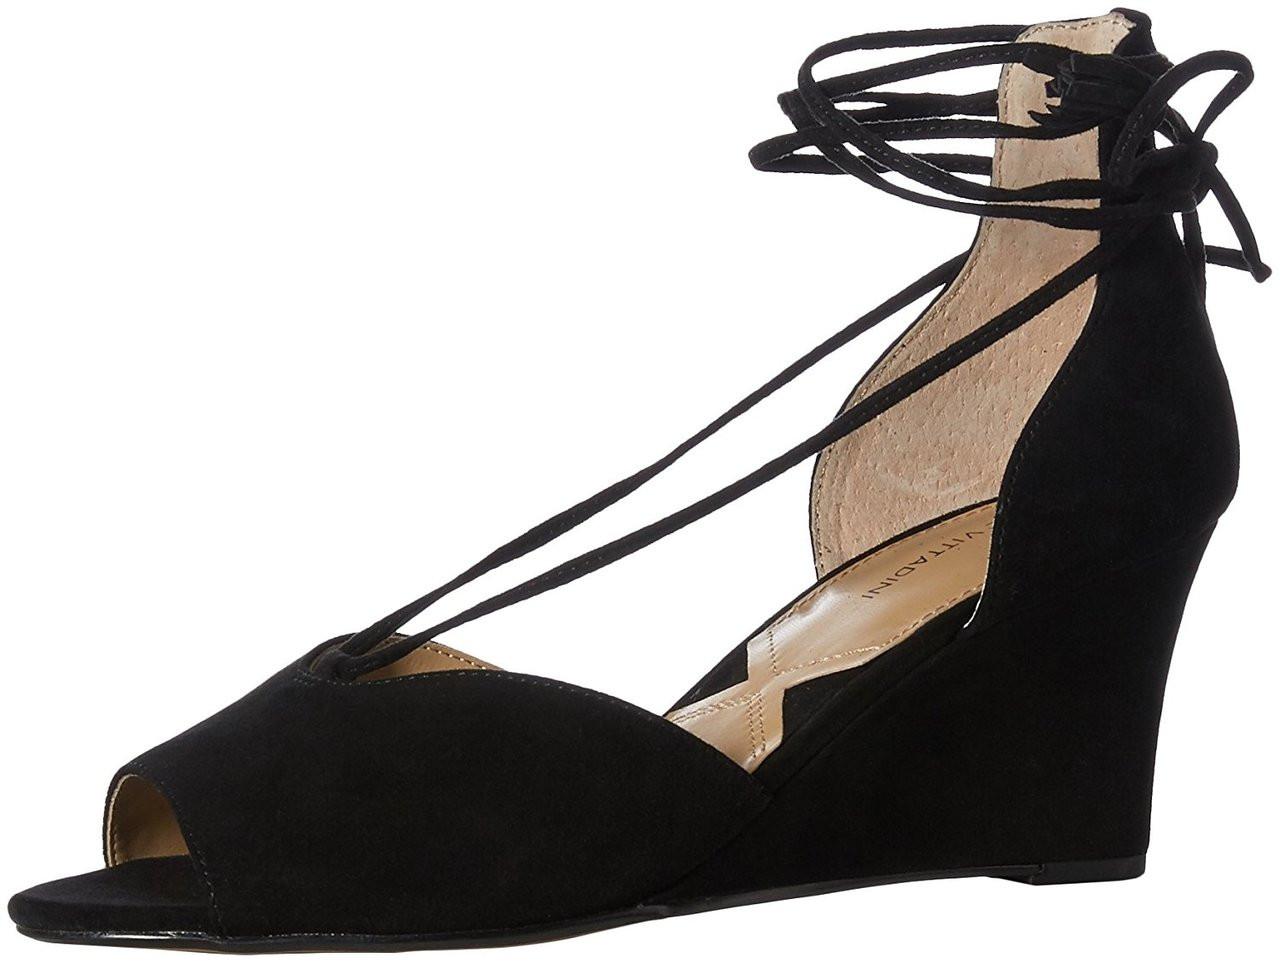 ffb0378b7cf ... Adrienne Vittadini Womens Marcey Suede Peep Toe Casual Platform Sandals ~pp-29dd2a50